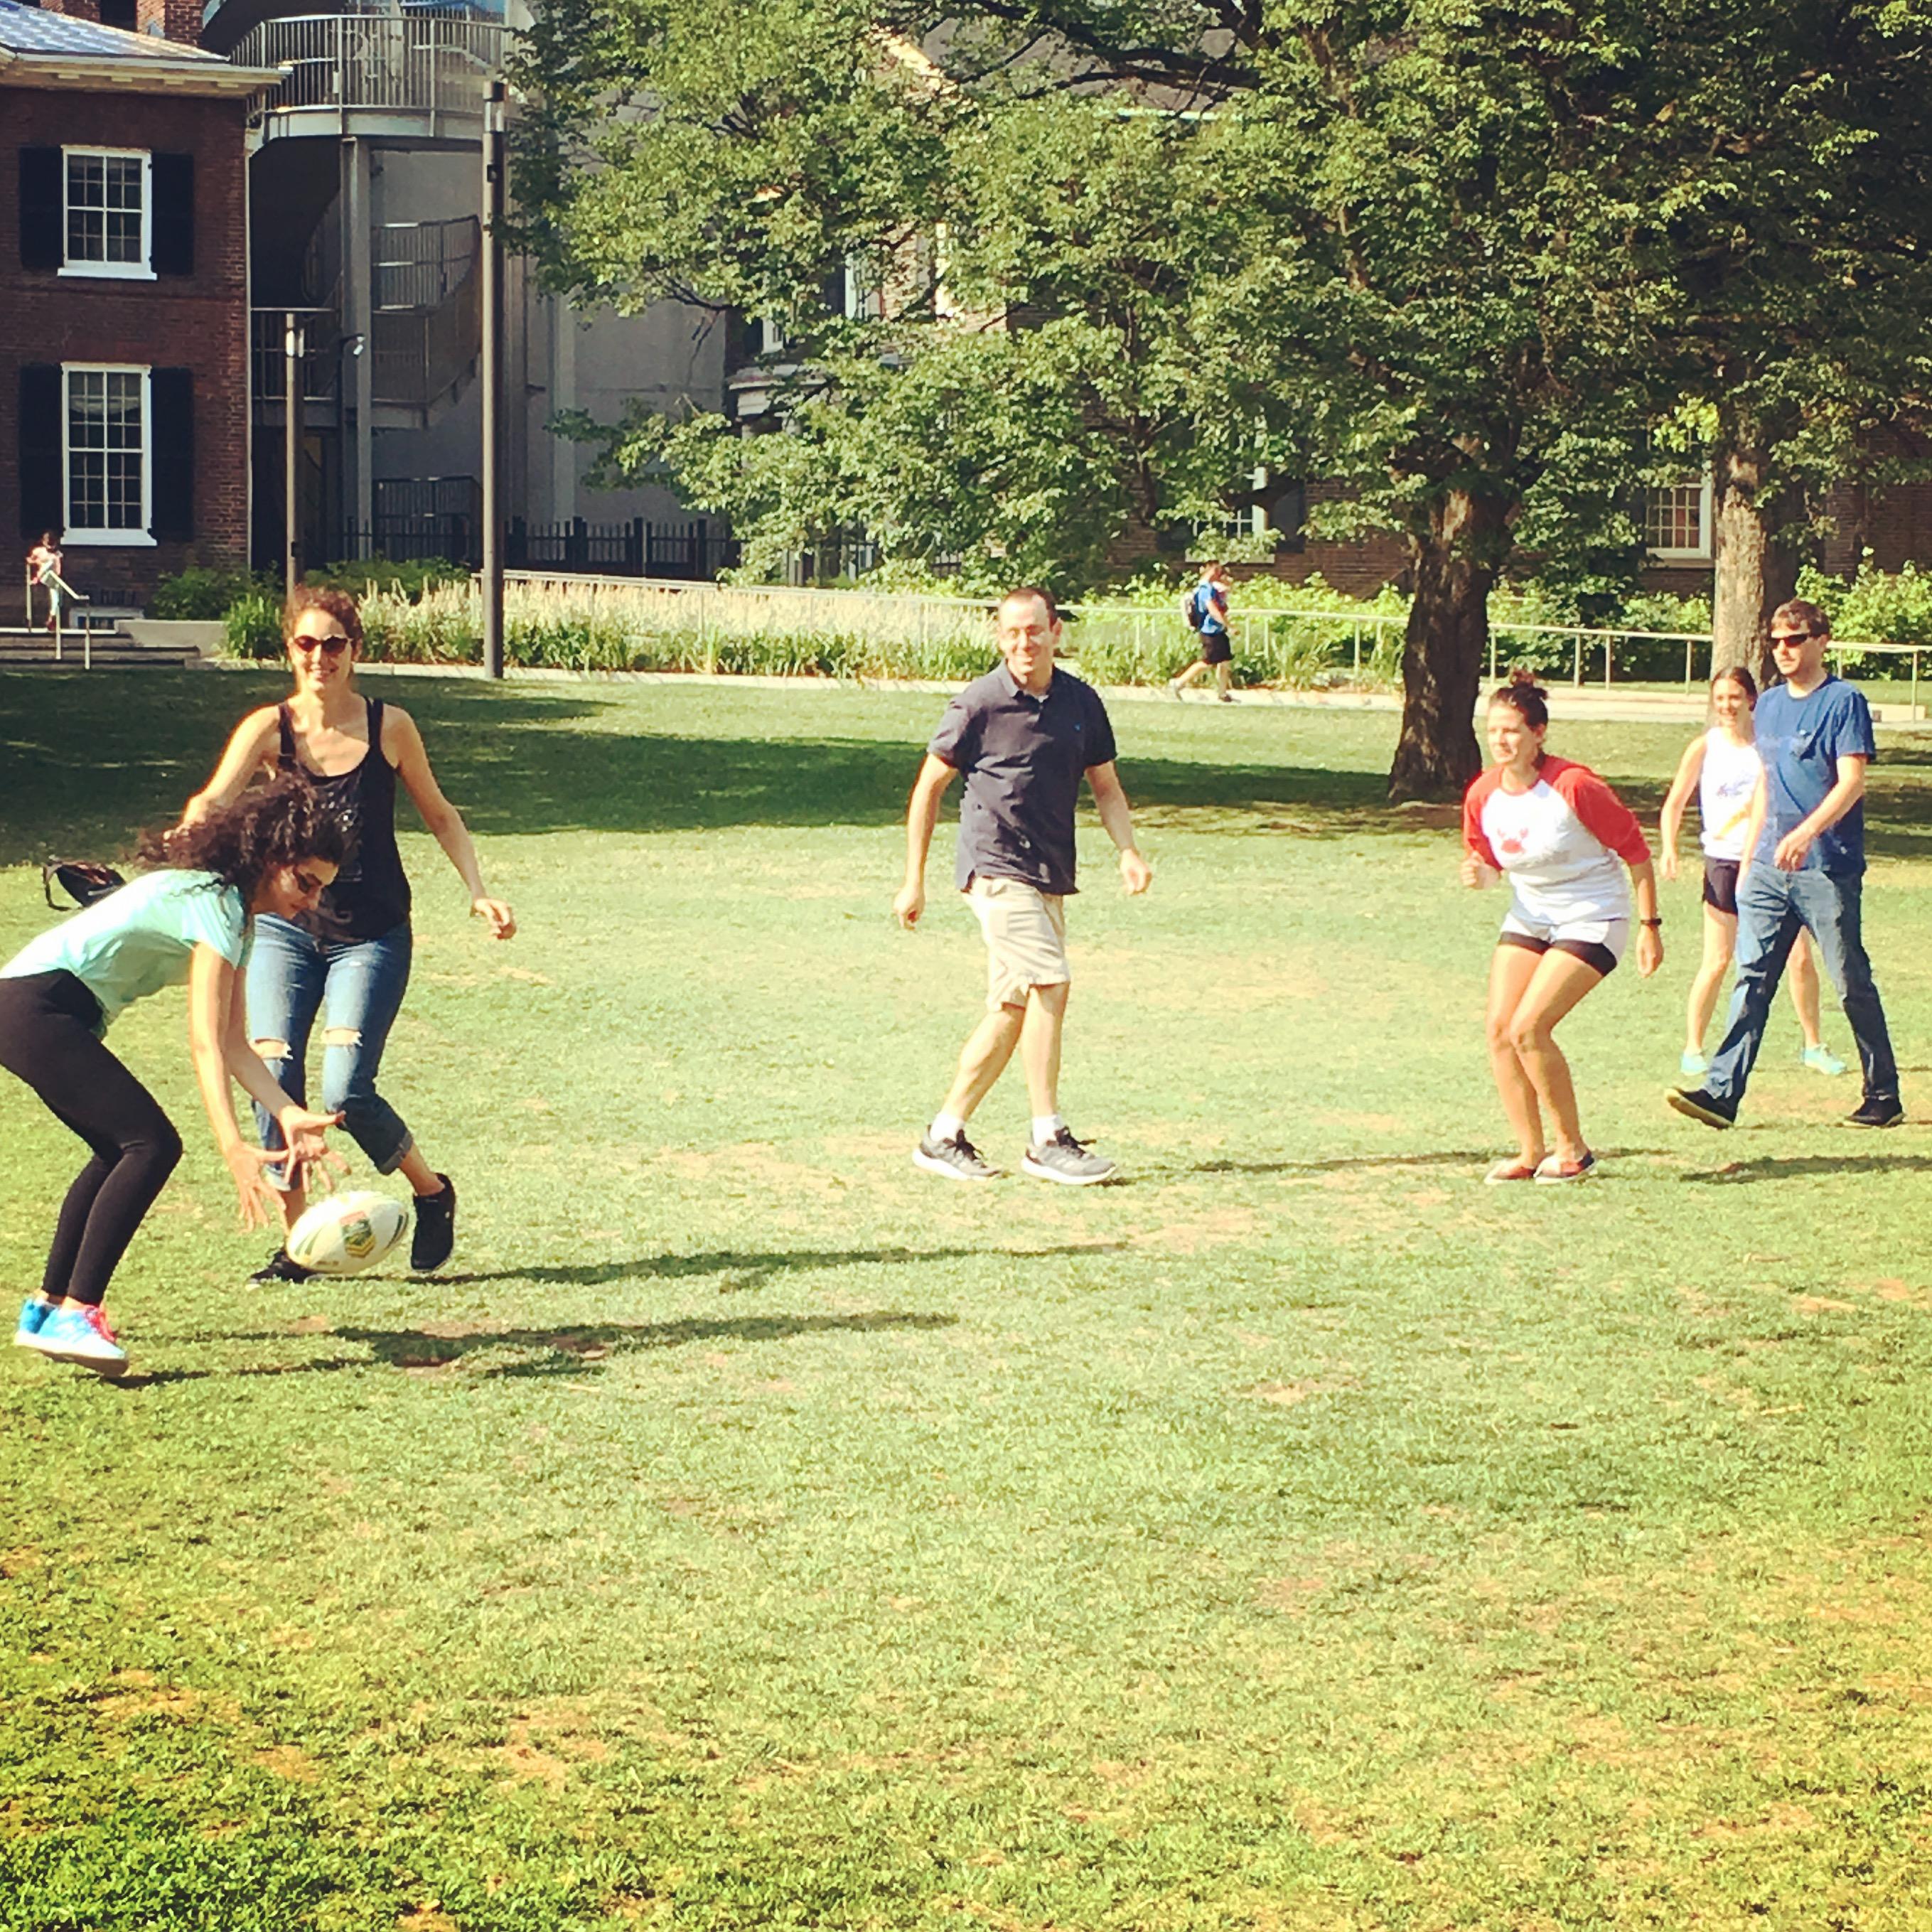 Kickball in the park - Summer 2018